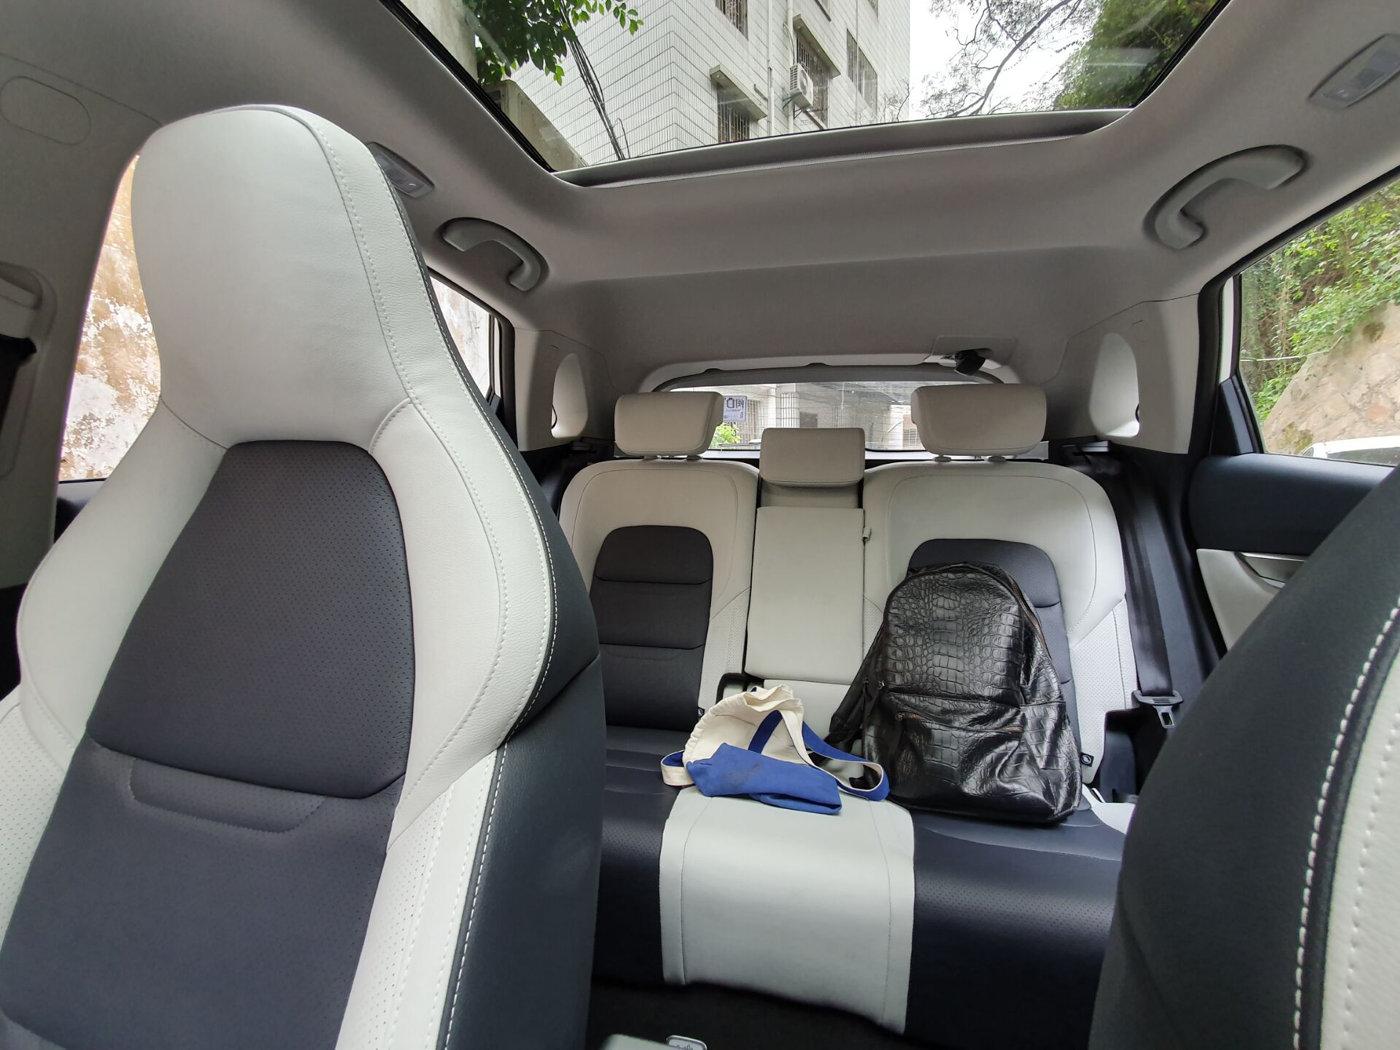 小杰聊汽车:提车有一段时间了,和大家聊聊威马EX5的外观和内饰